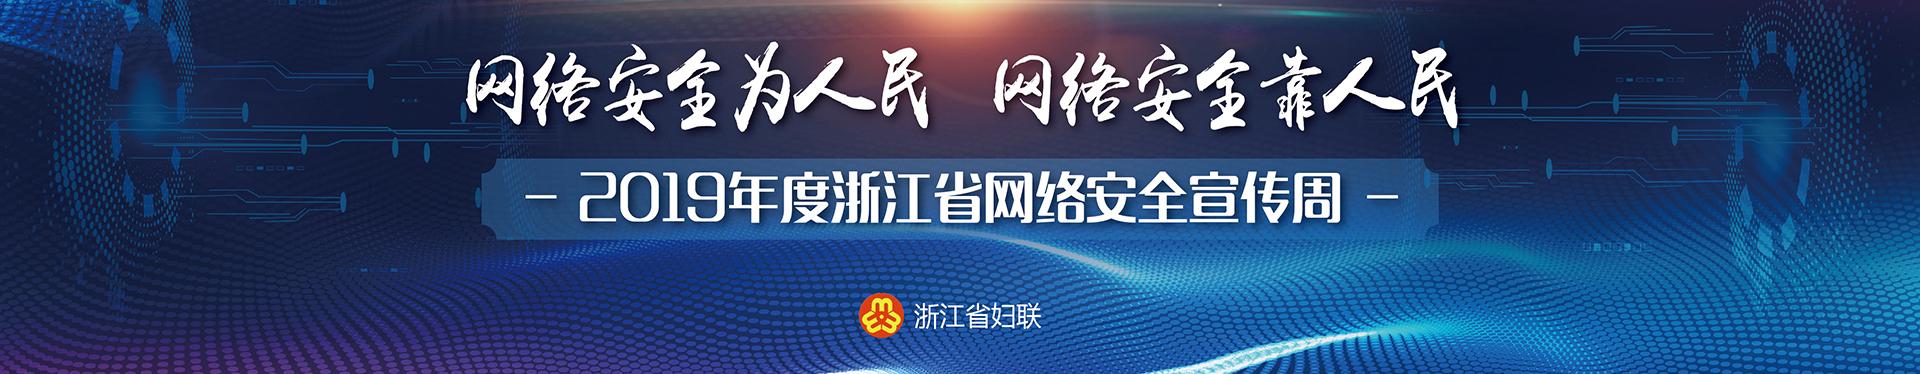 2019年度浙江省网络安全宣传周